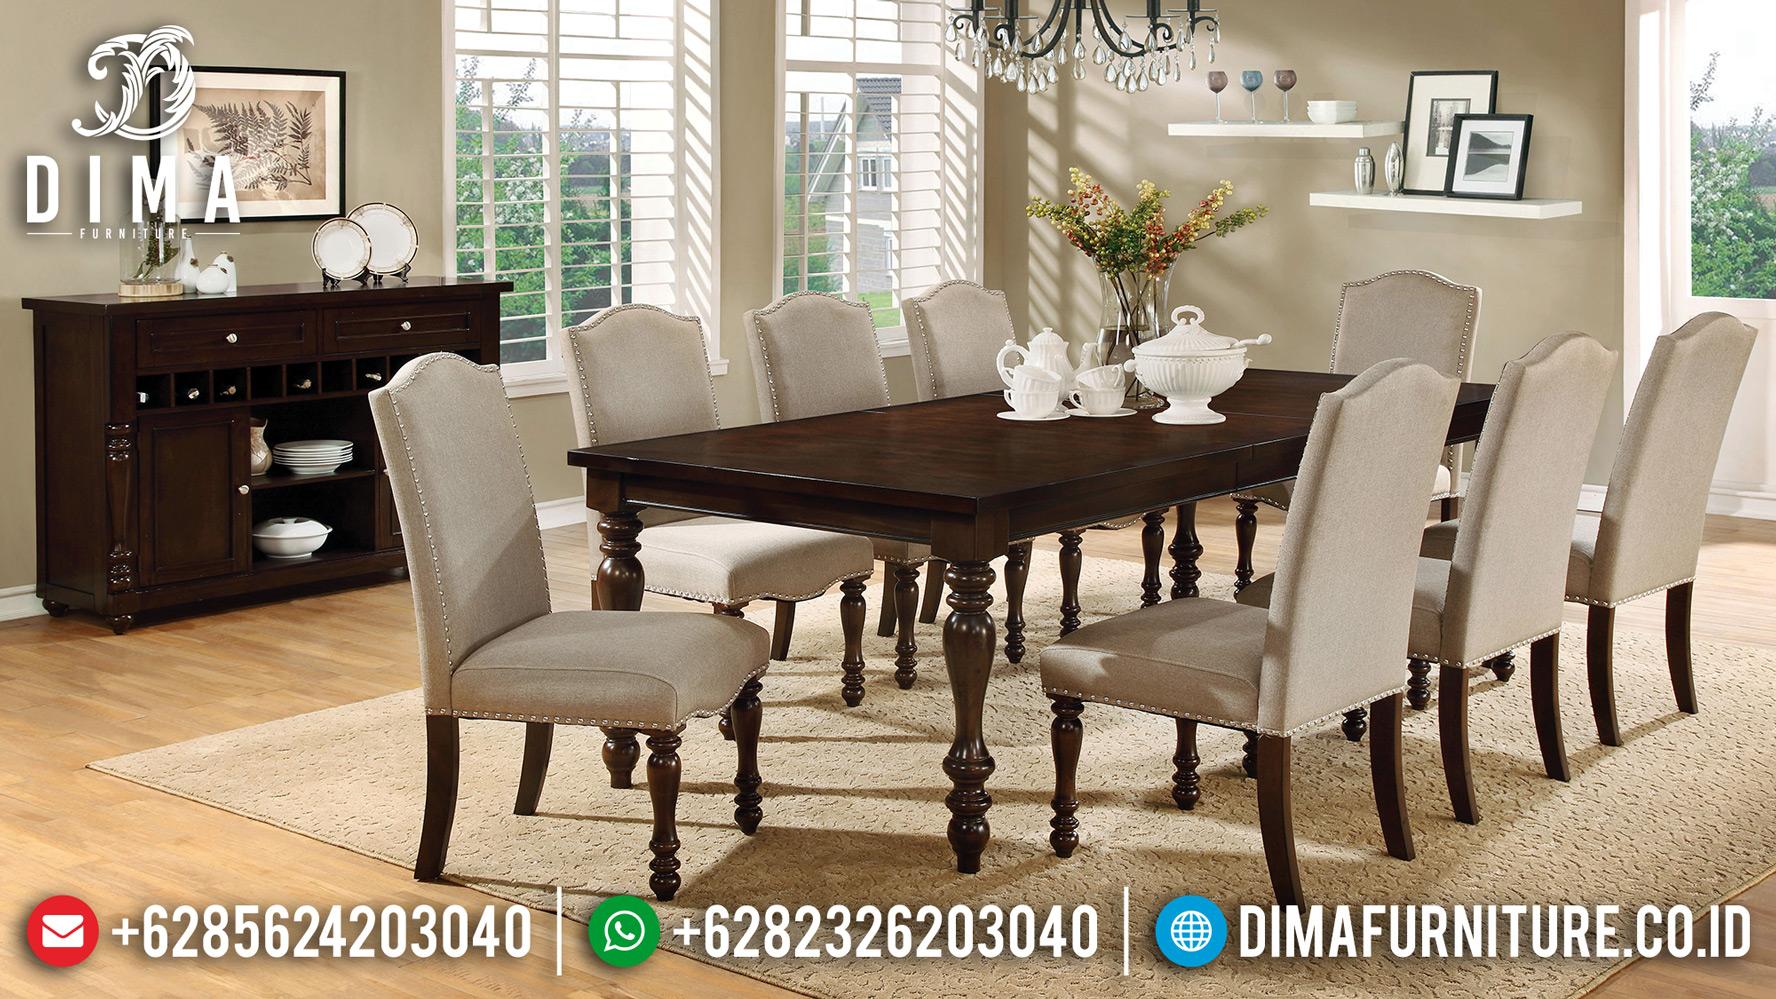 Furniture Jepara Terbaru Meja Makan Minimalis Jati Monalissa DF-1202